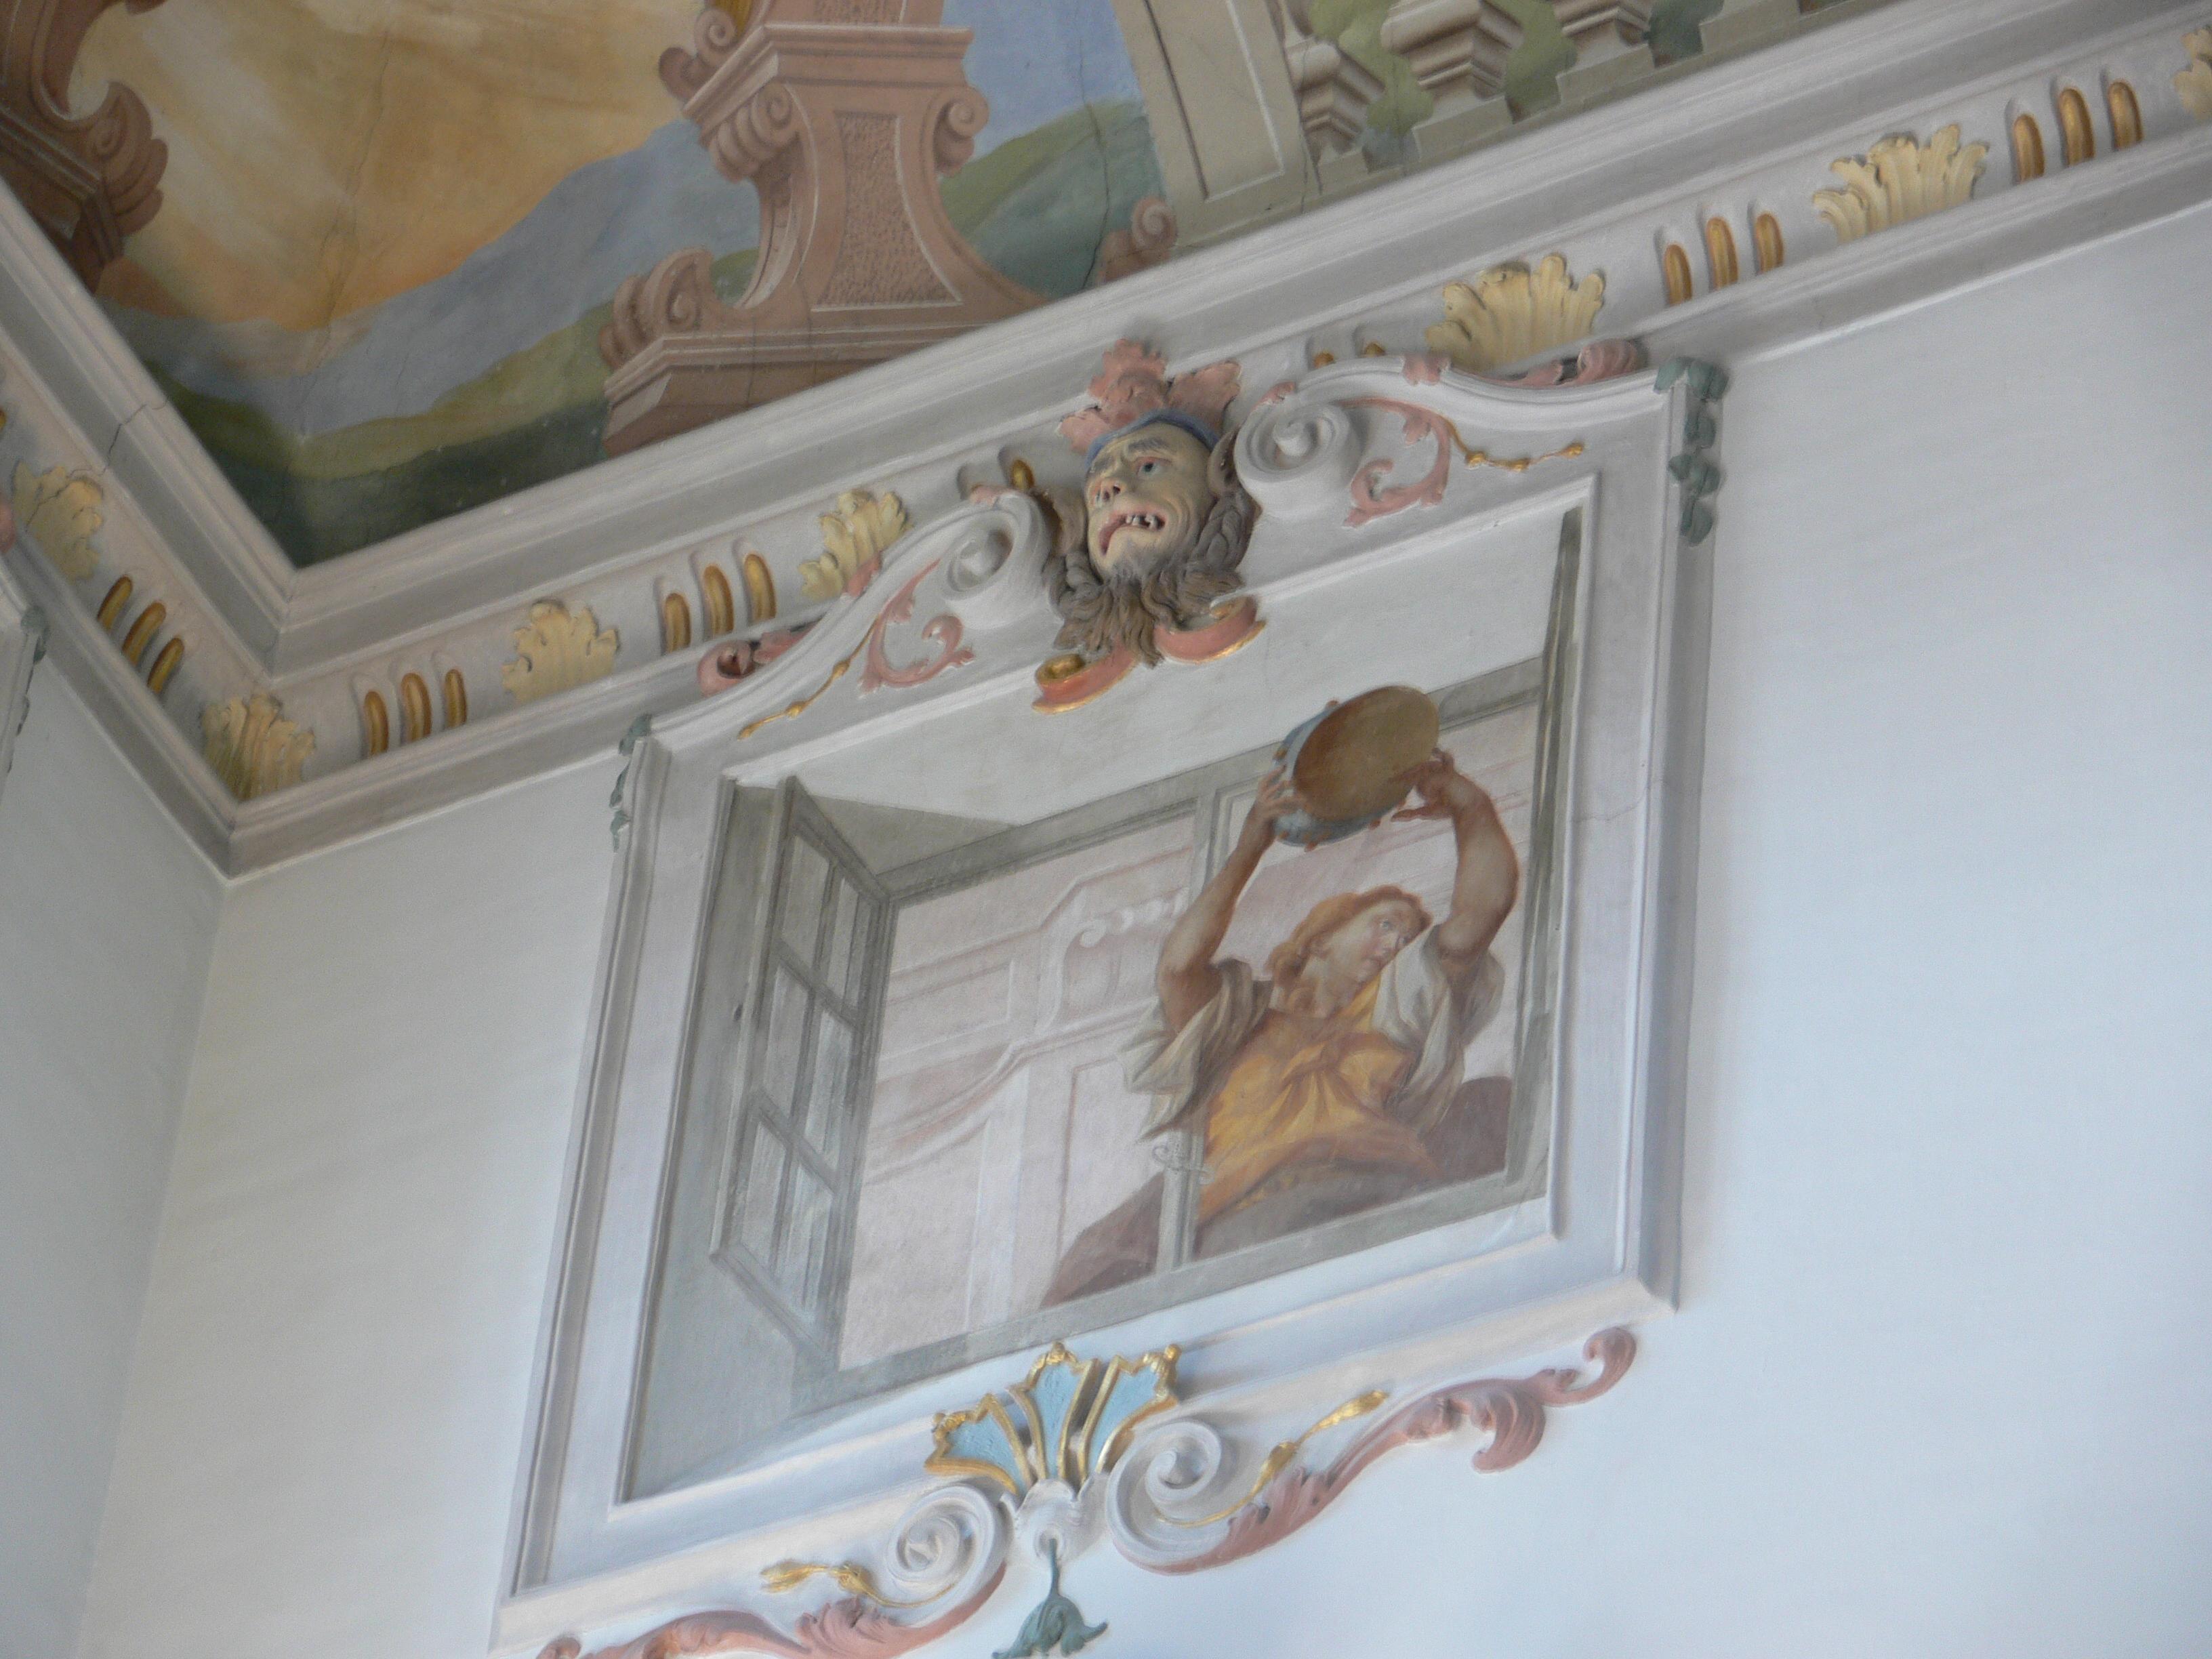 Fenster Bad Wurzach : Descrizione Schloss Wurzach Treppenhaus Fenster Trompeloeil 2jpg